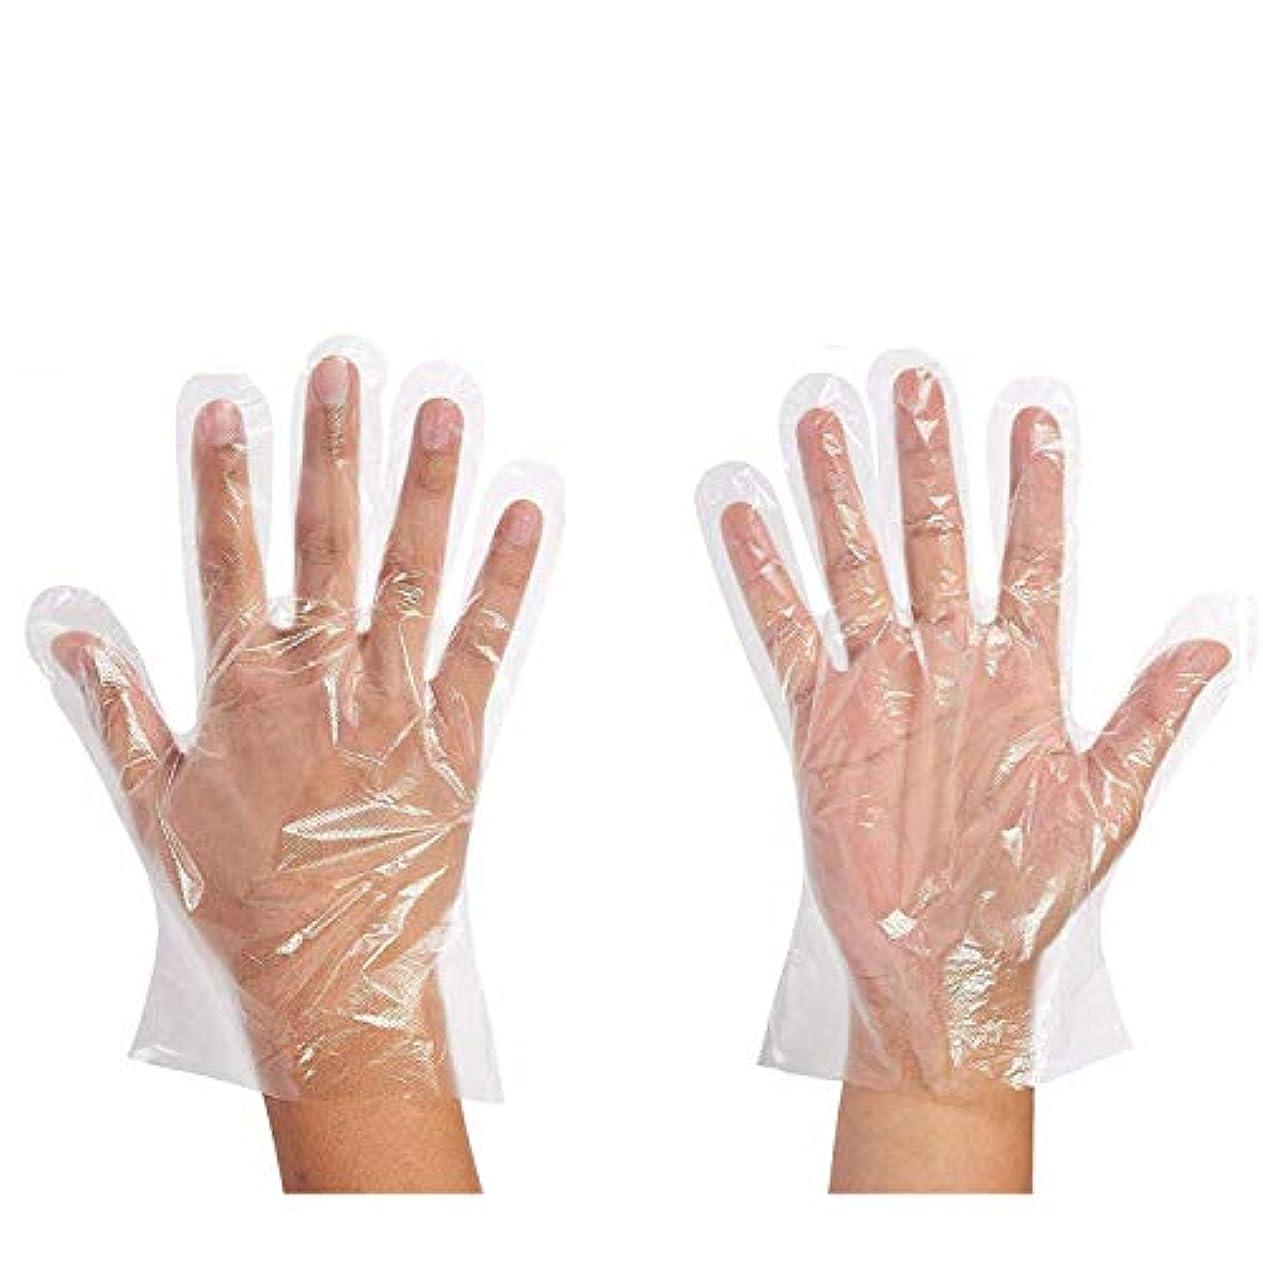 抵抗力があるベイビー含意500枚セット使い捨て手袋 ポリエチレン 極薄ビニール手袋 実用 衛生 極薄手袋毛染めに 調理に お掃除に 透明